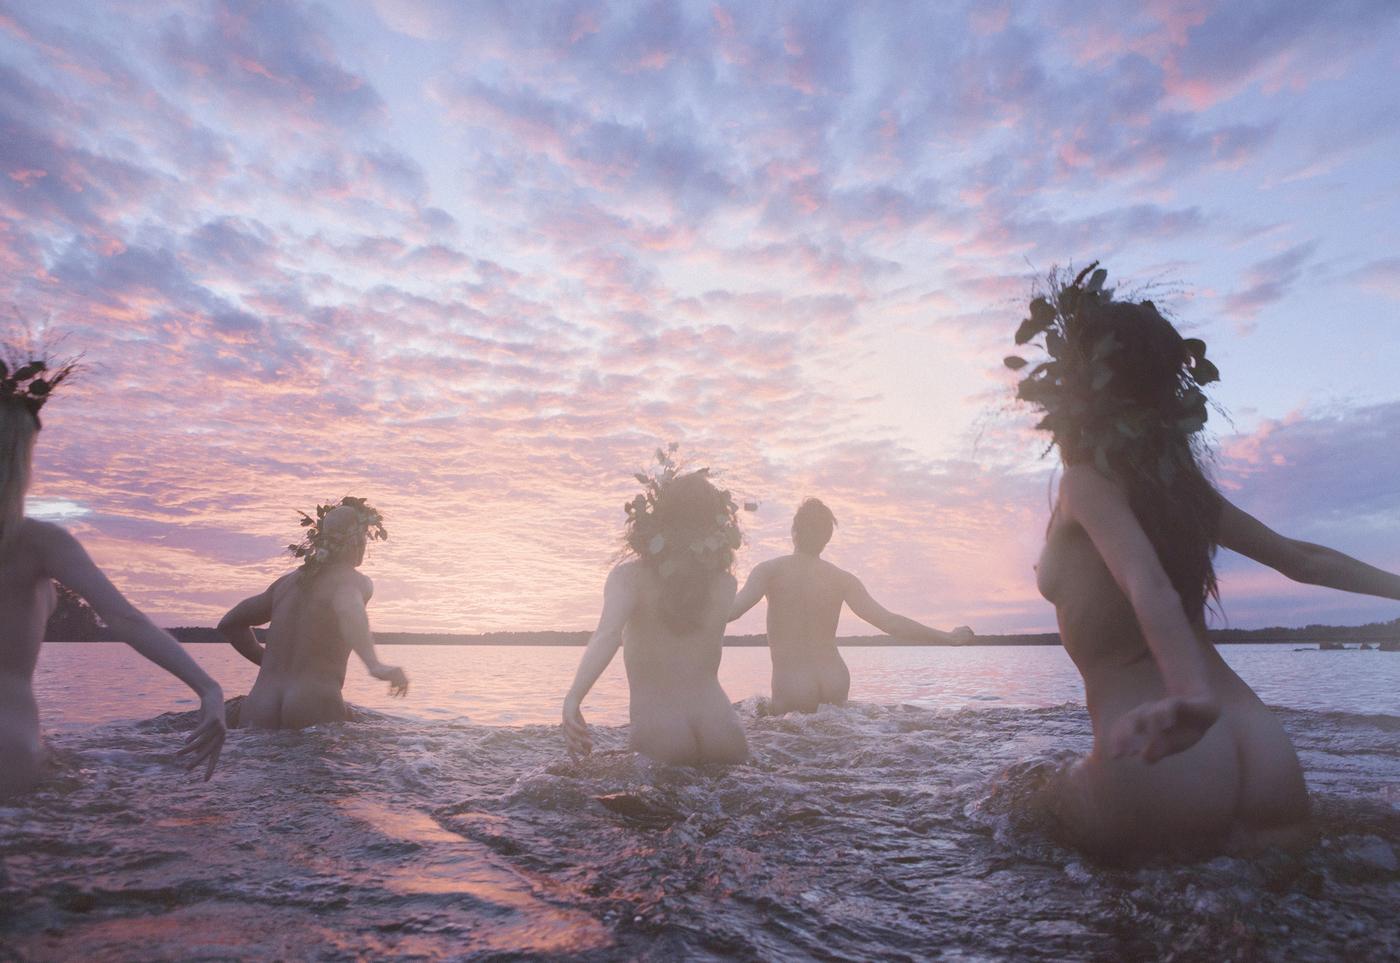 kalevalanmaa_3189x2193_photo-saara-salmi-1.jpg